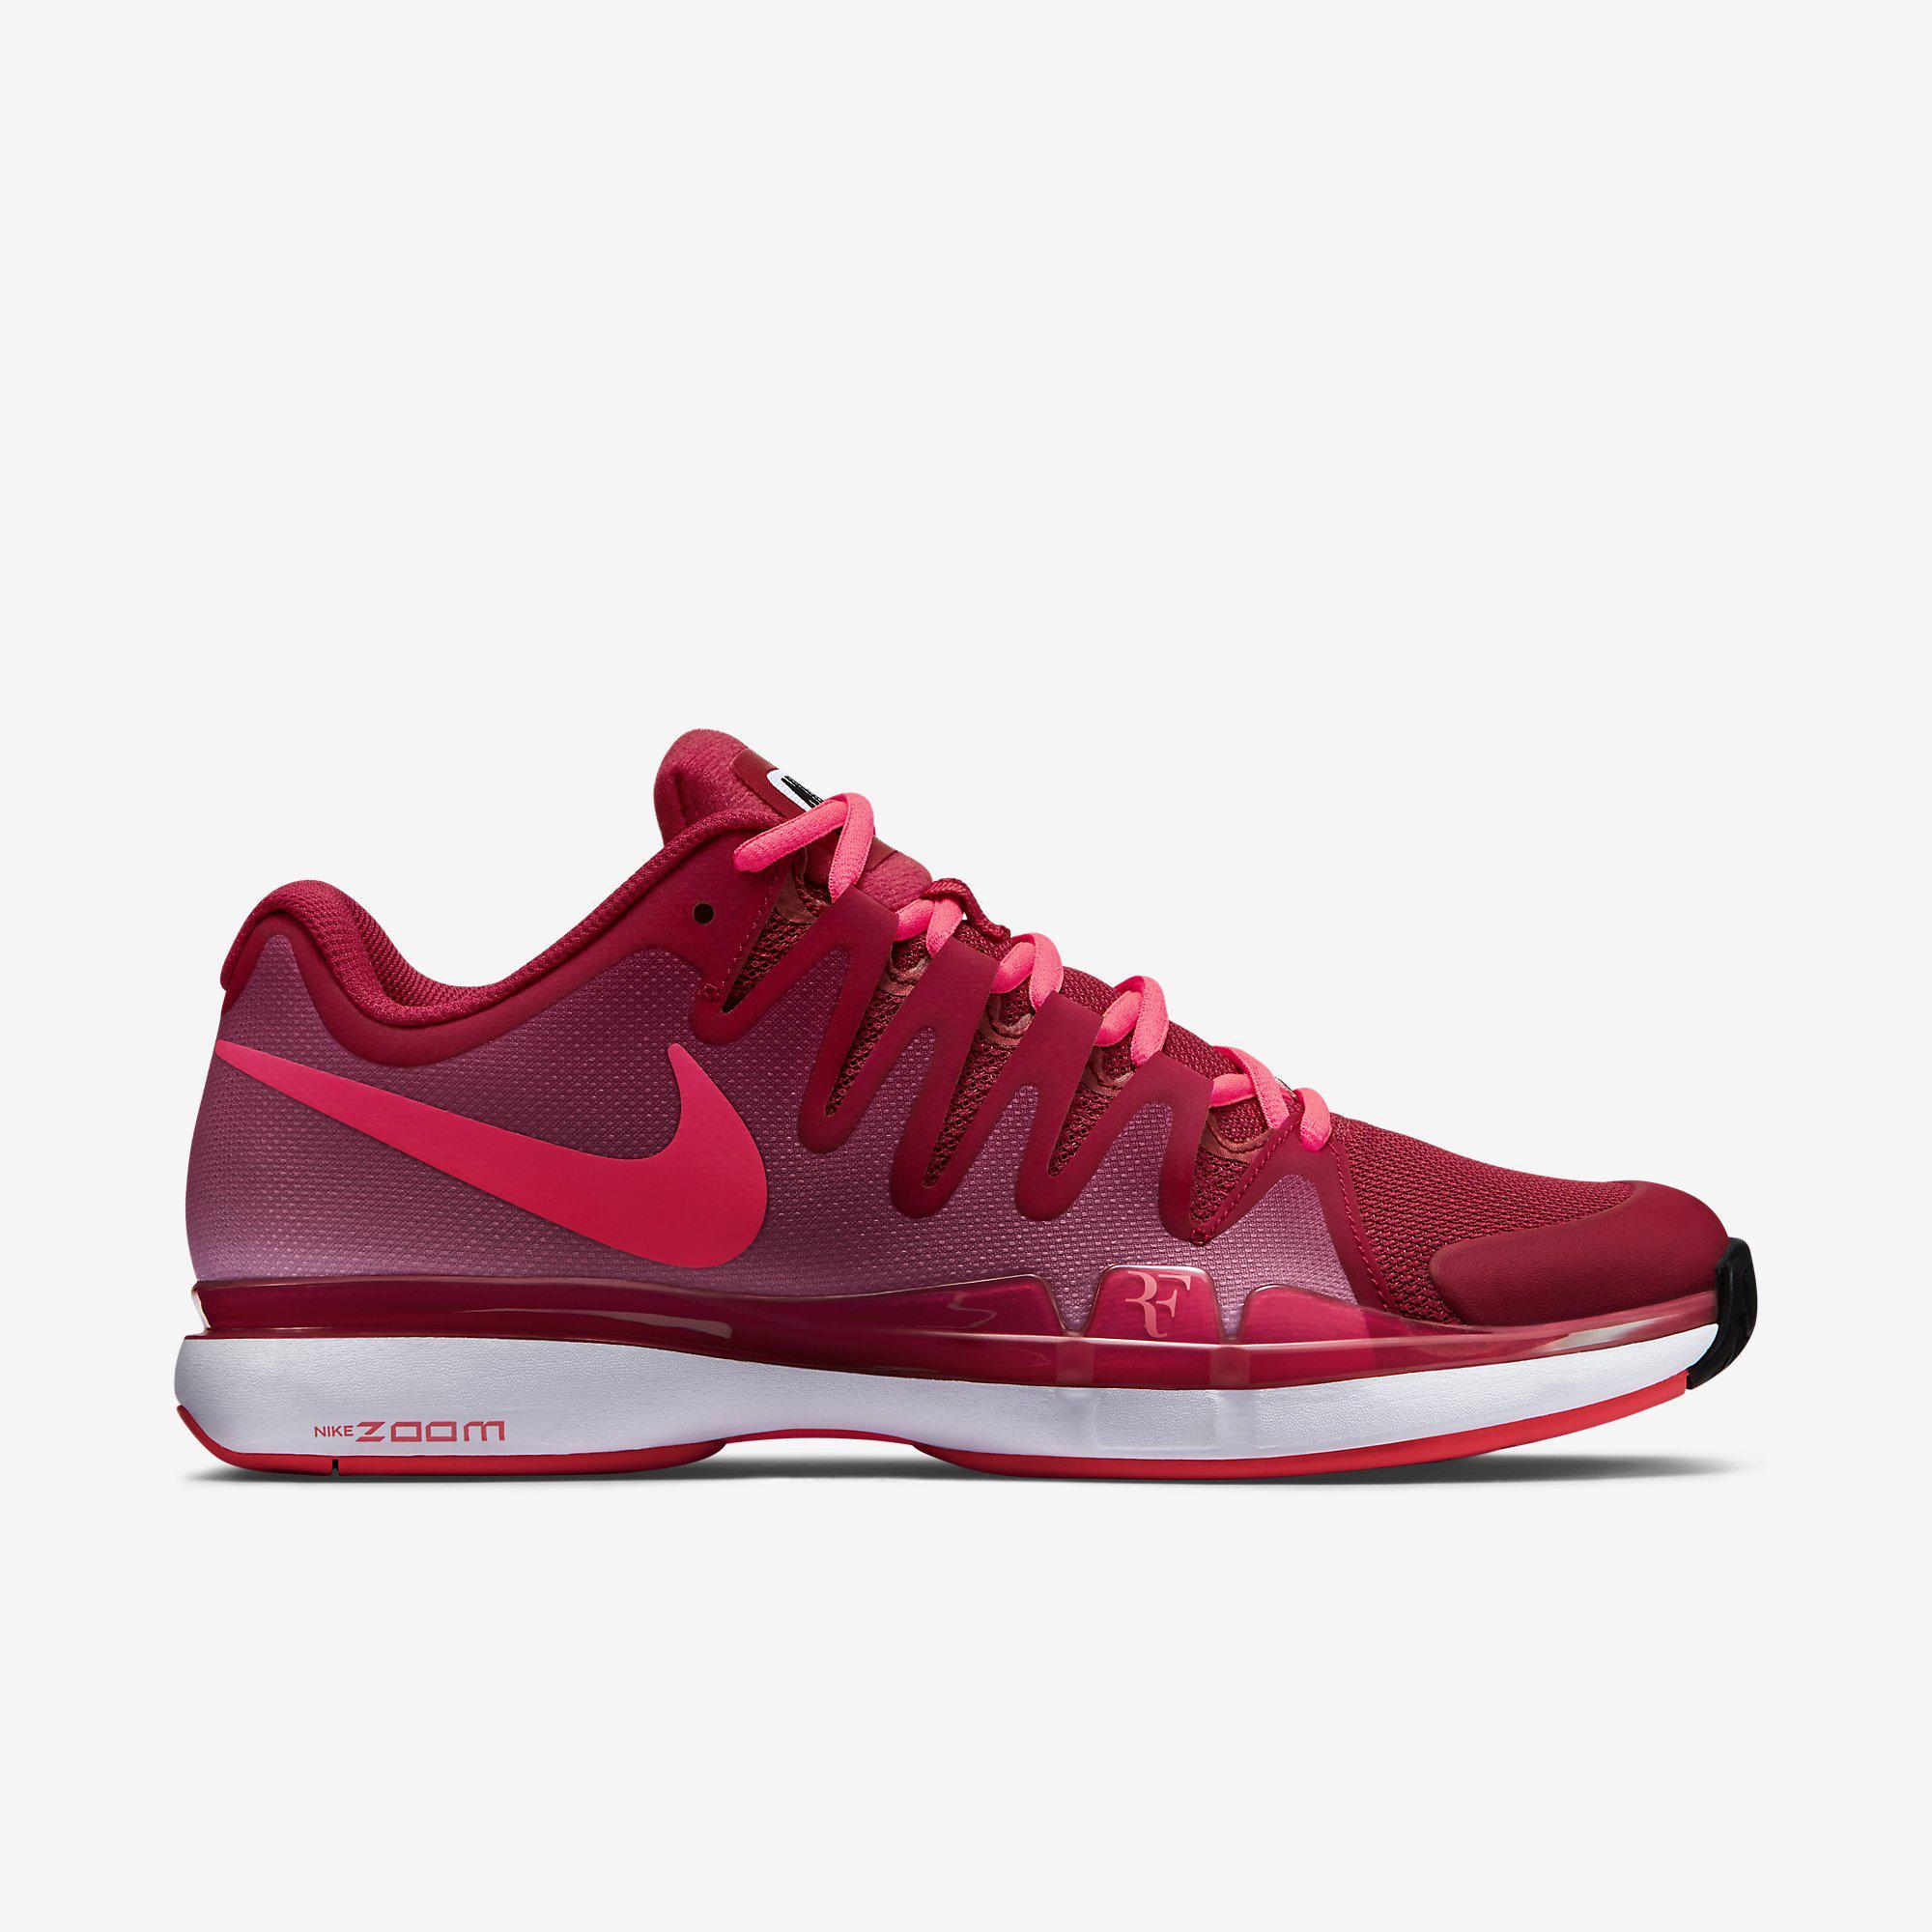 Nike Vapor Tennis Shoes Uk